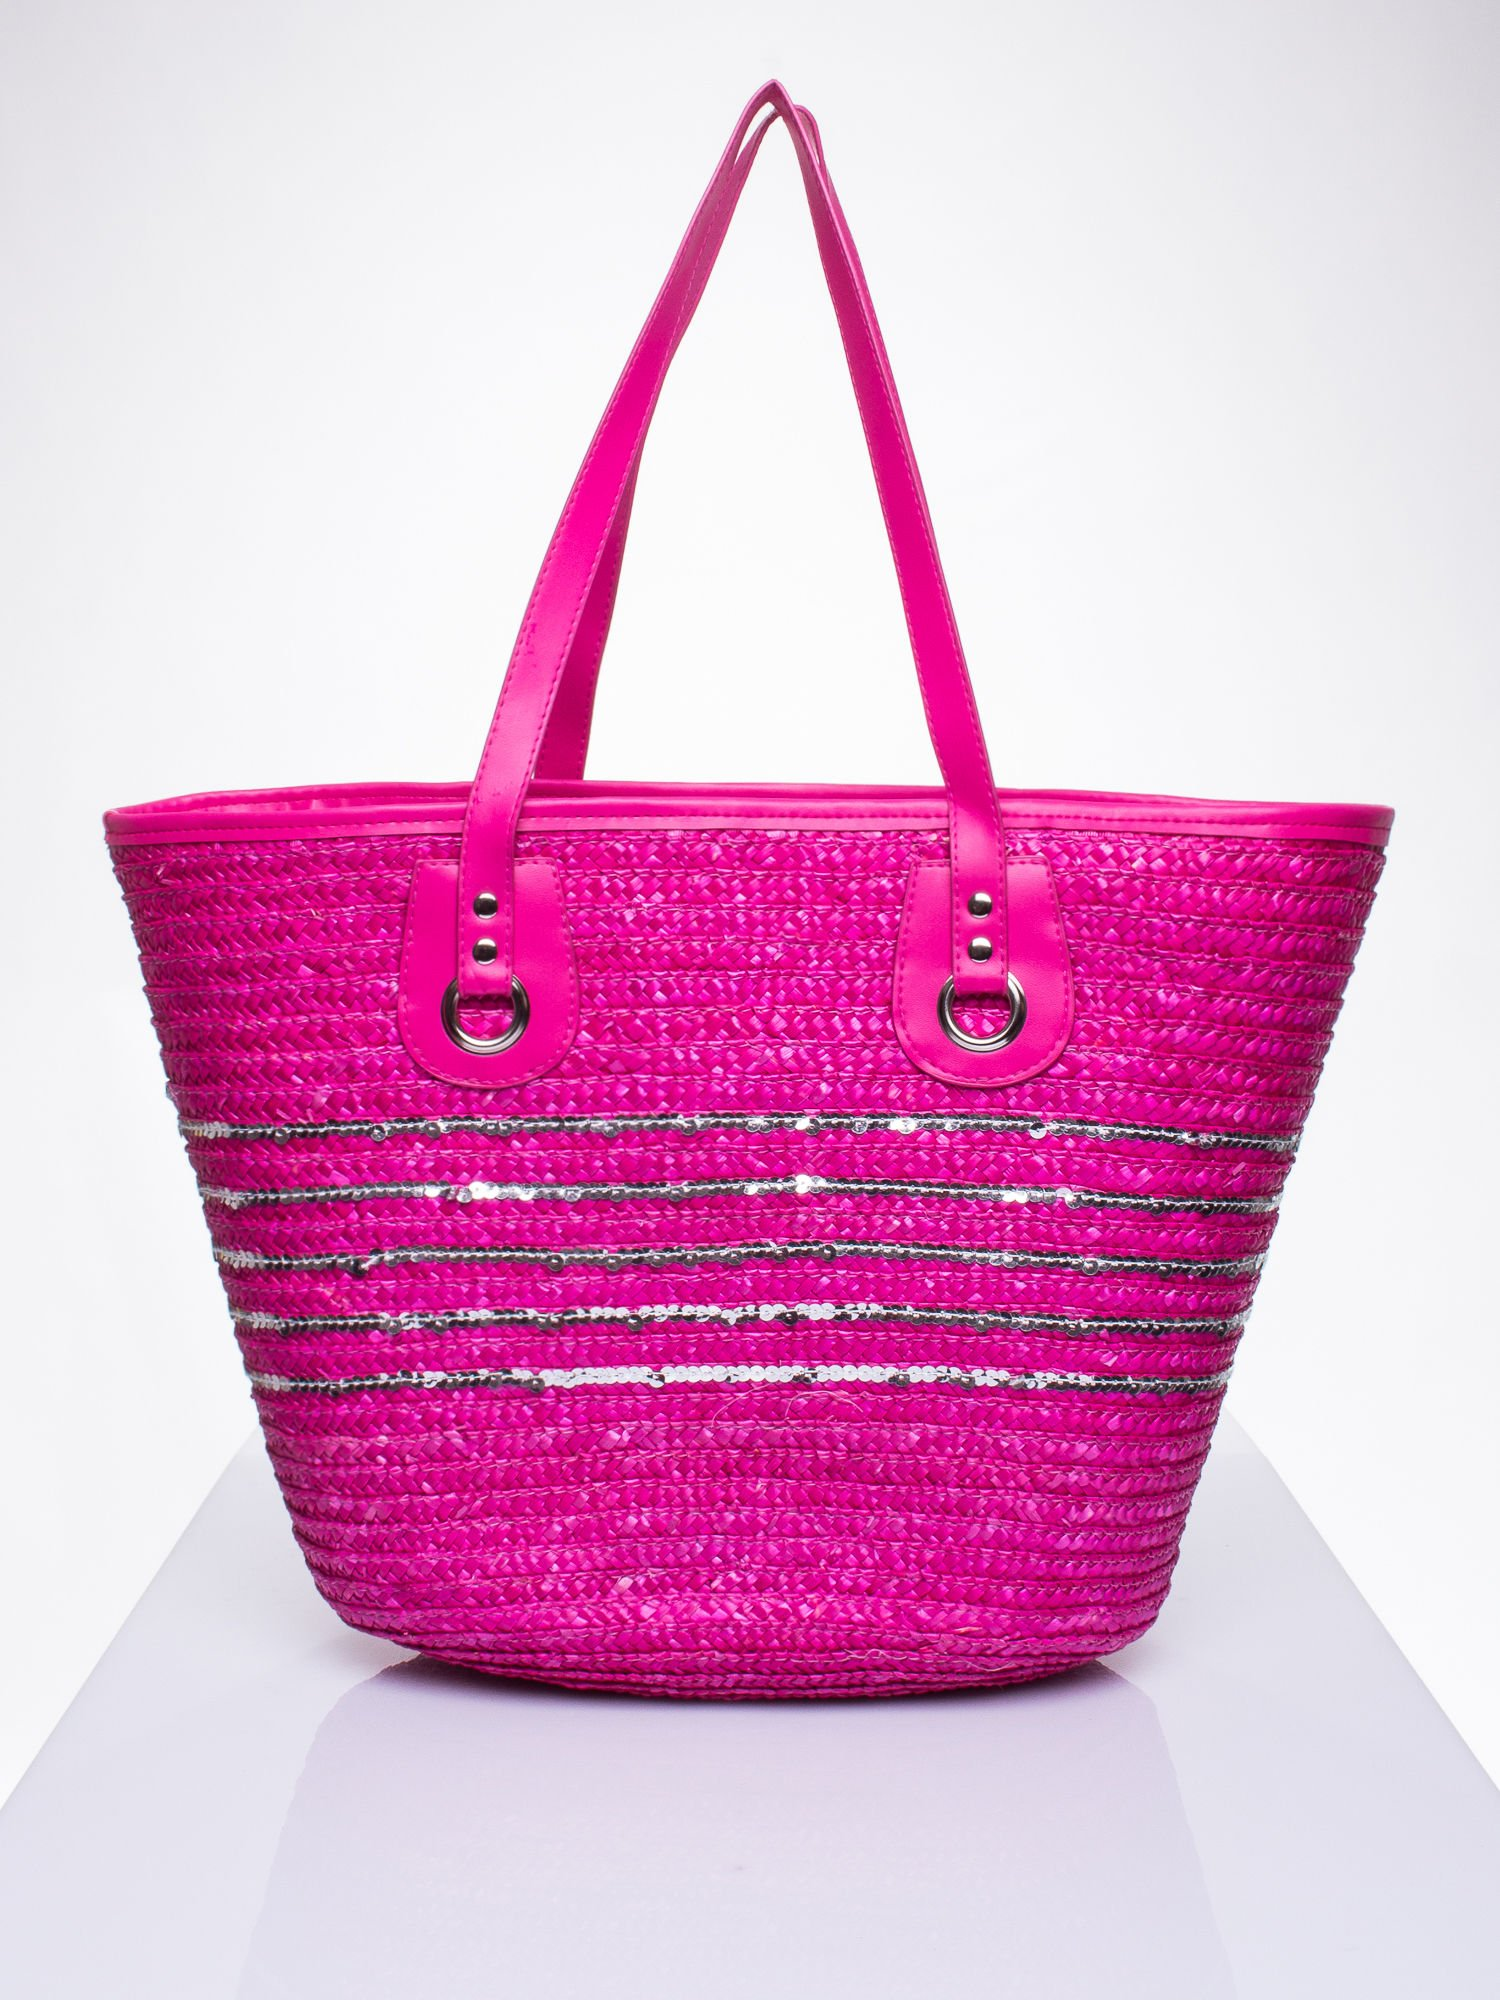 Różowa torba koszyk plażowy z cekinami                                  zdj.                                  1